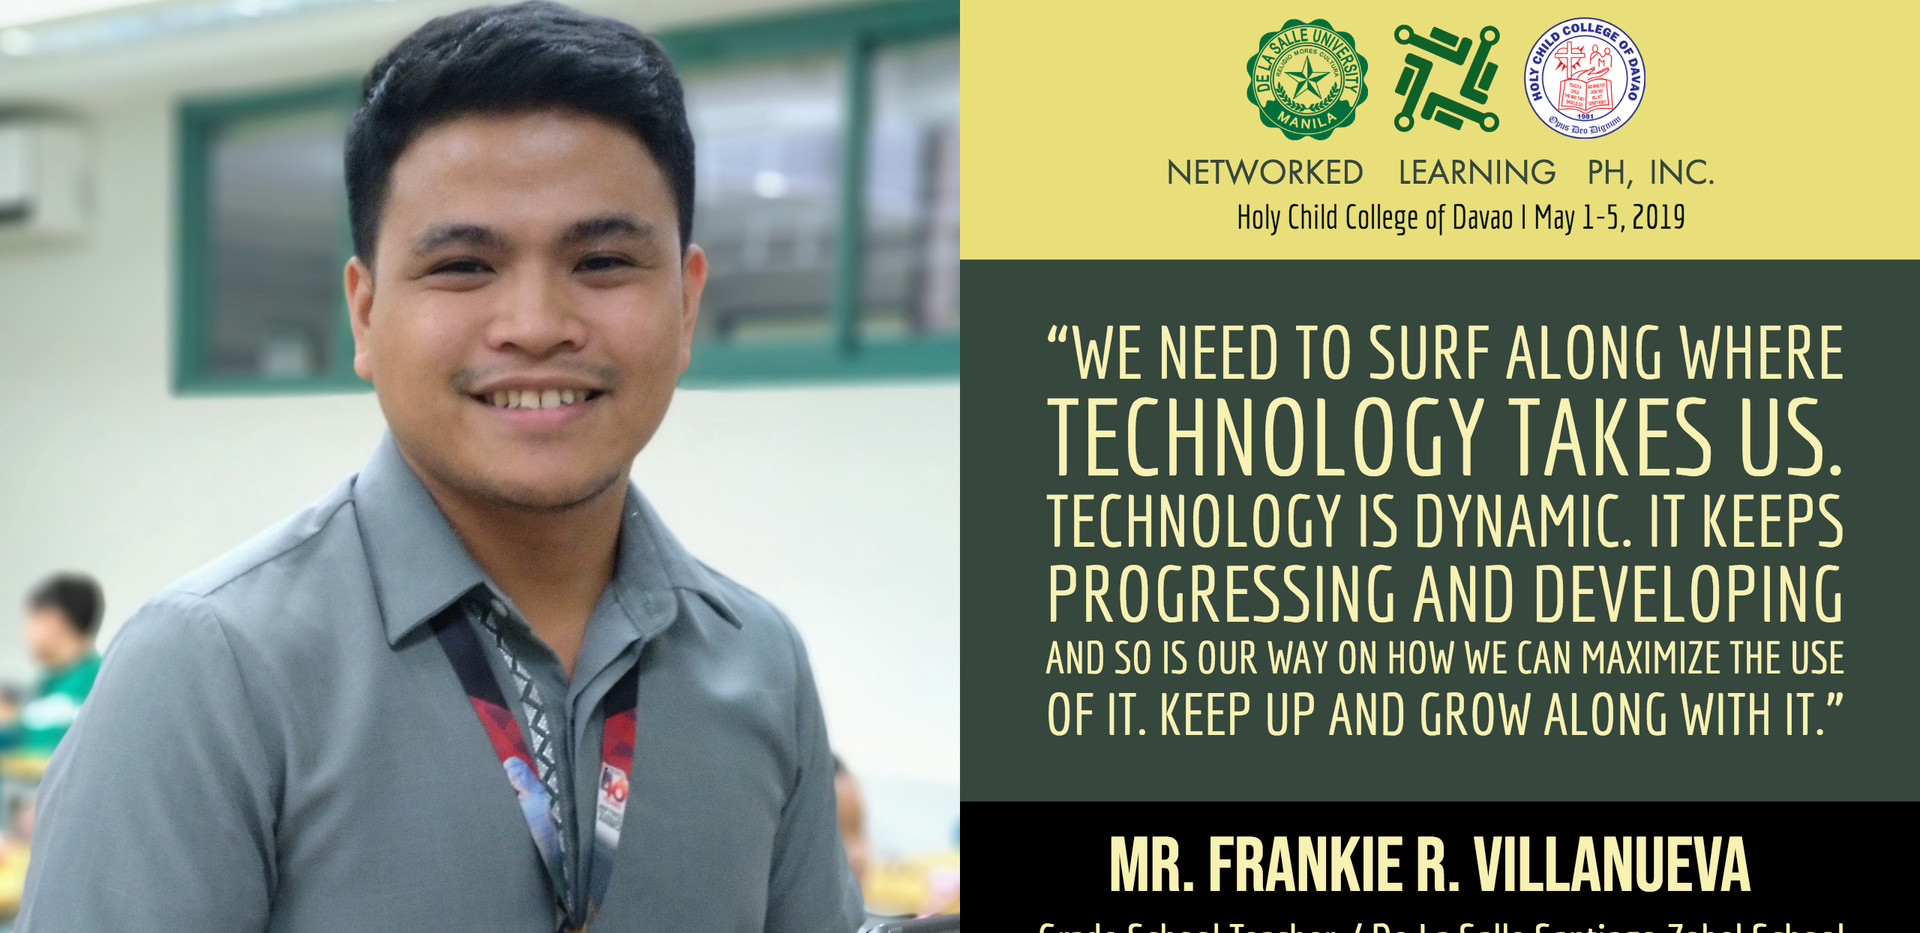 Mr. Frankie R. Villanueva